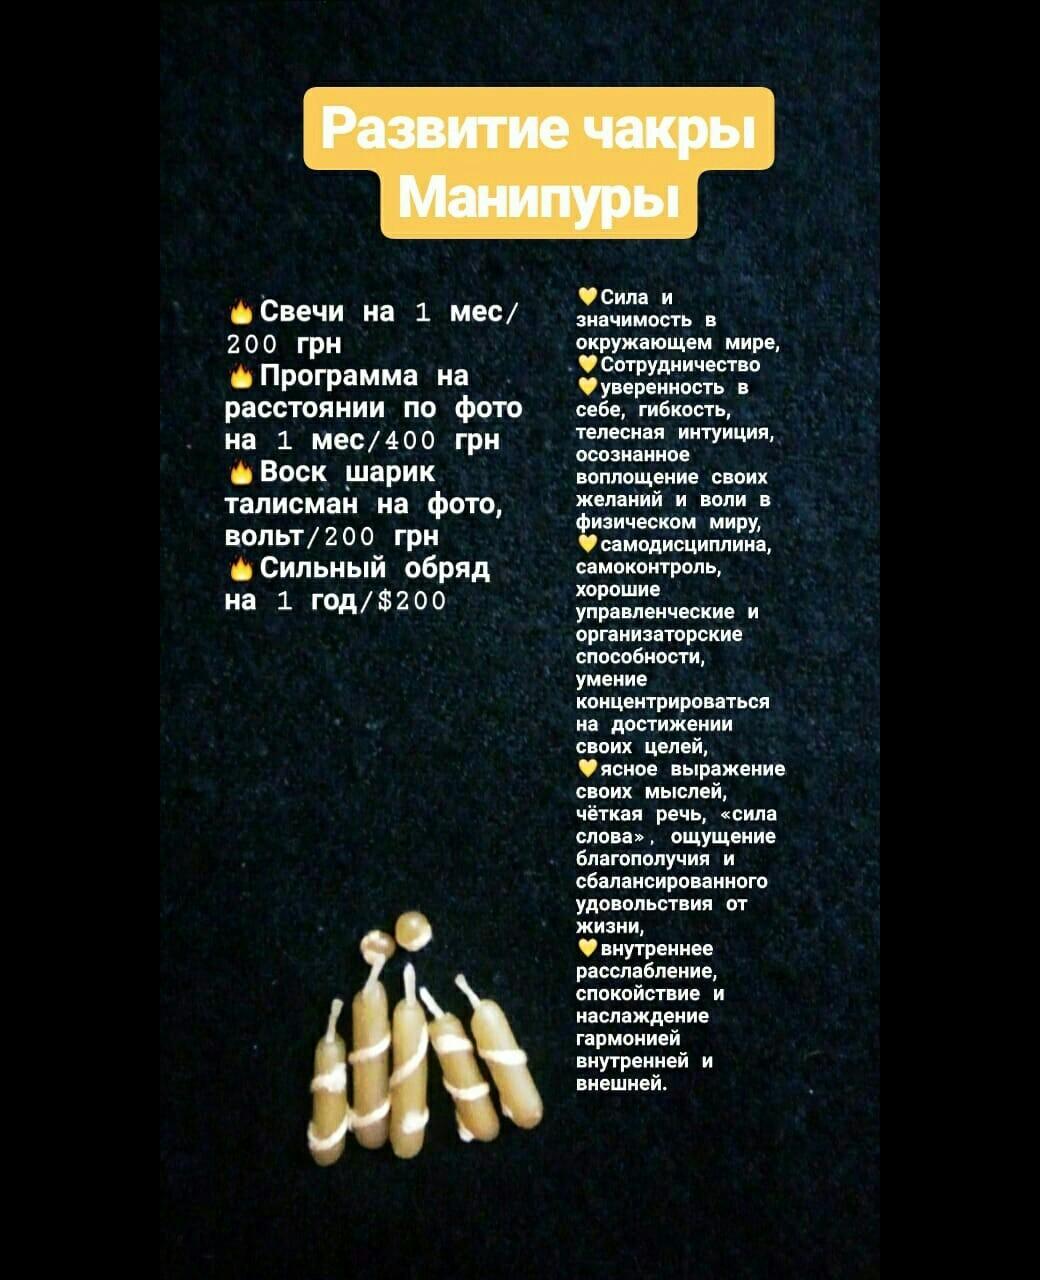 Хештег муладхара на   Салон Магии и мистики Елены Руденко ( Валтеи ). Киев ,тел: 0506251562  MV7FngTF8JY